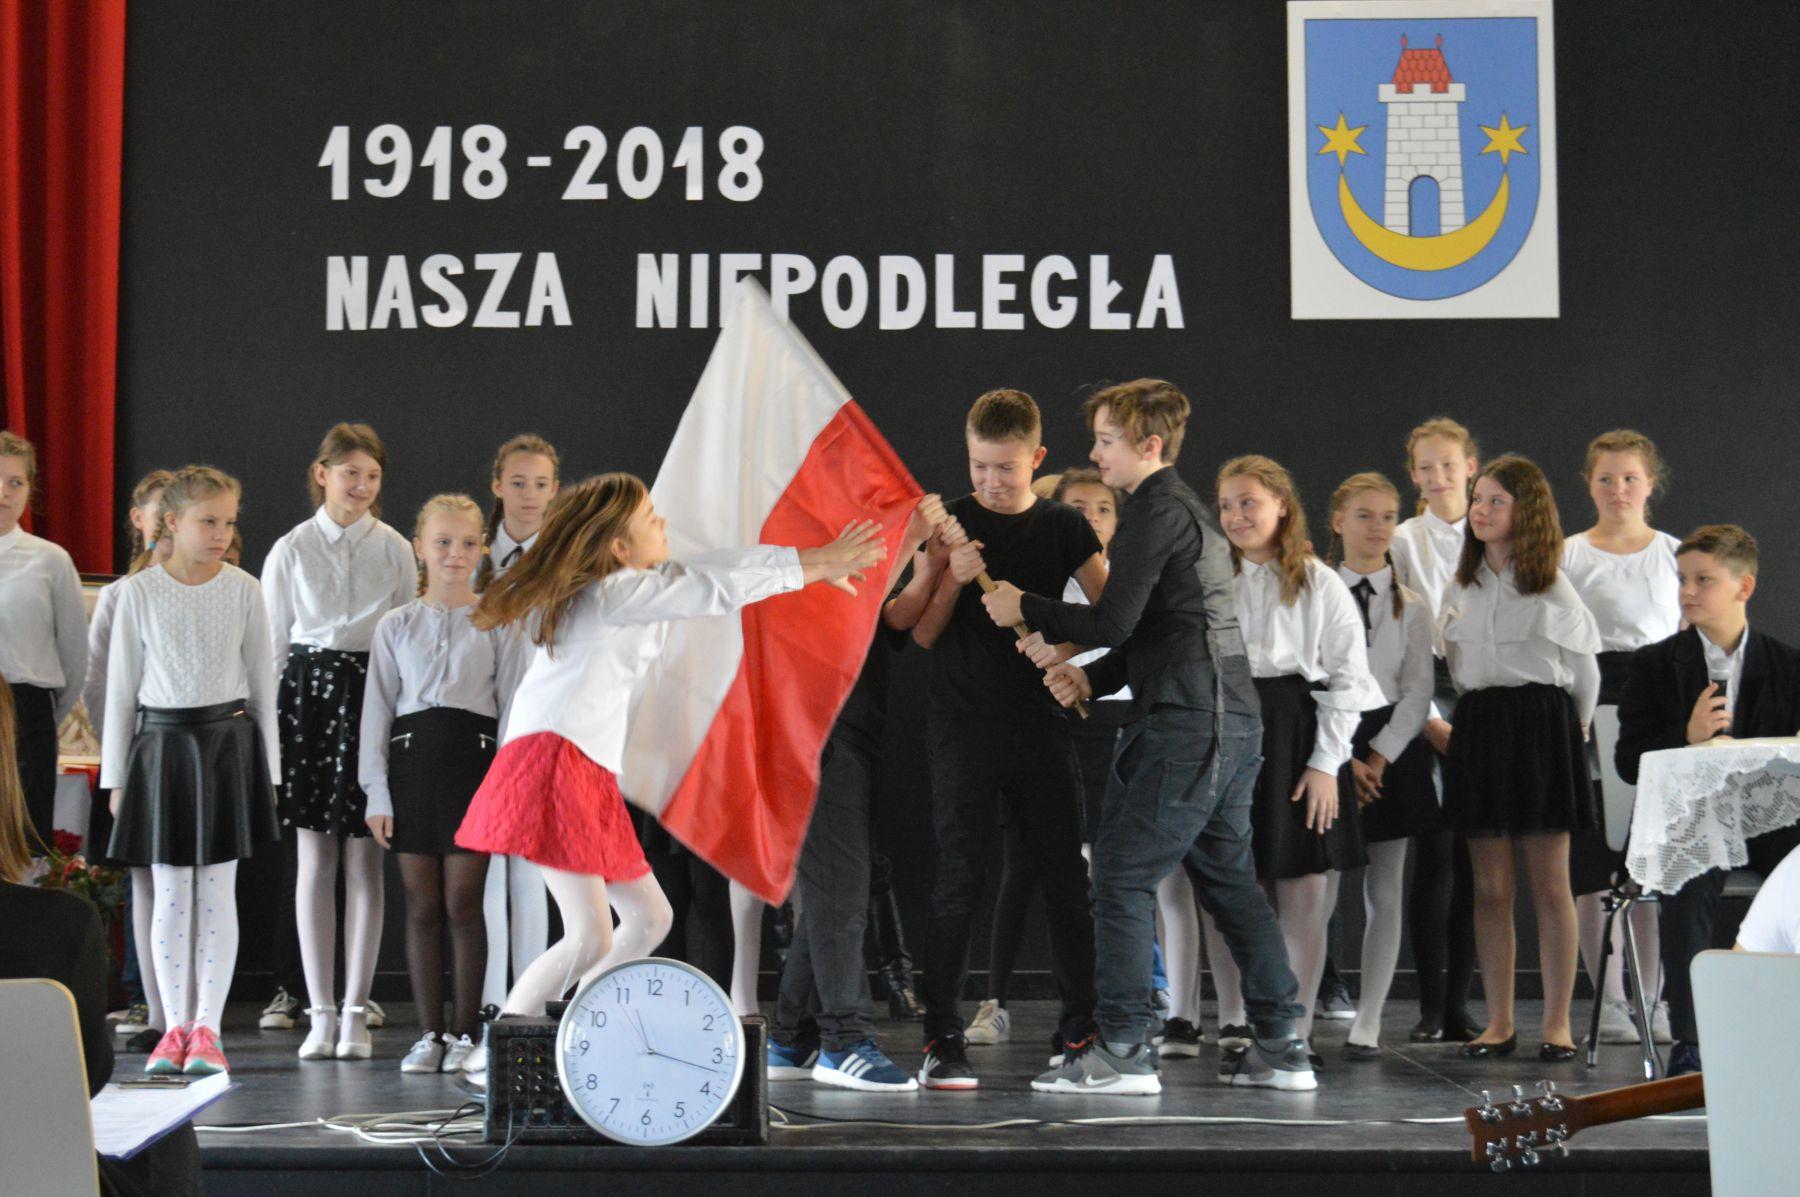 100-lecie odzyskania niepodległości przezPolskę